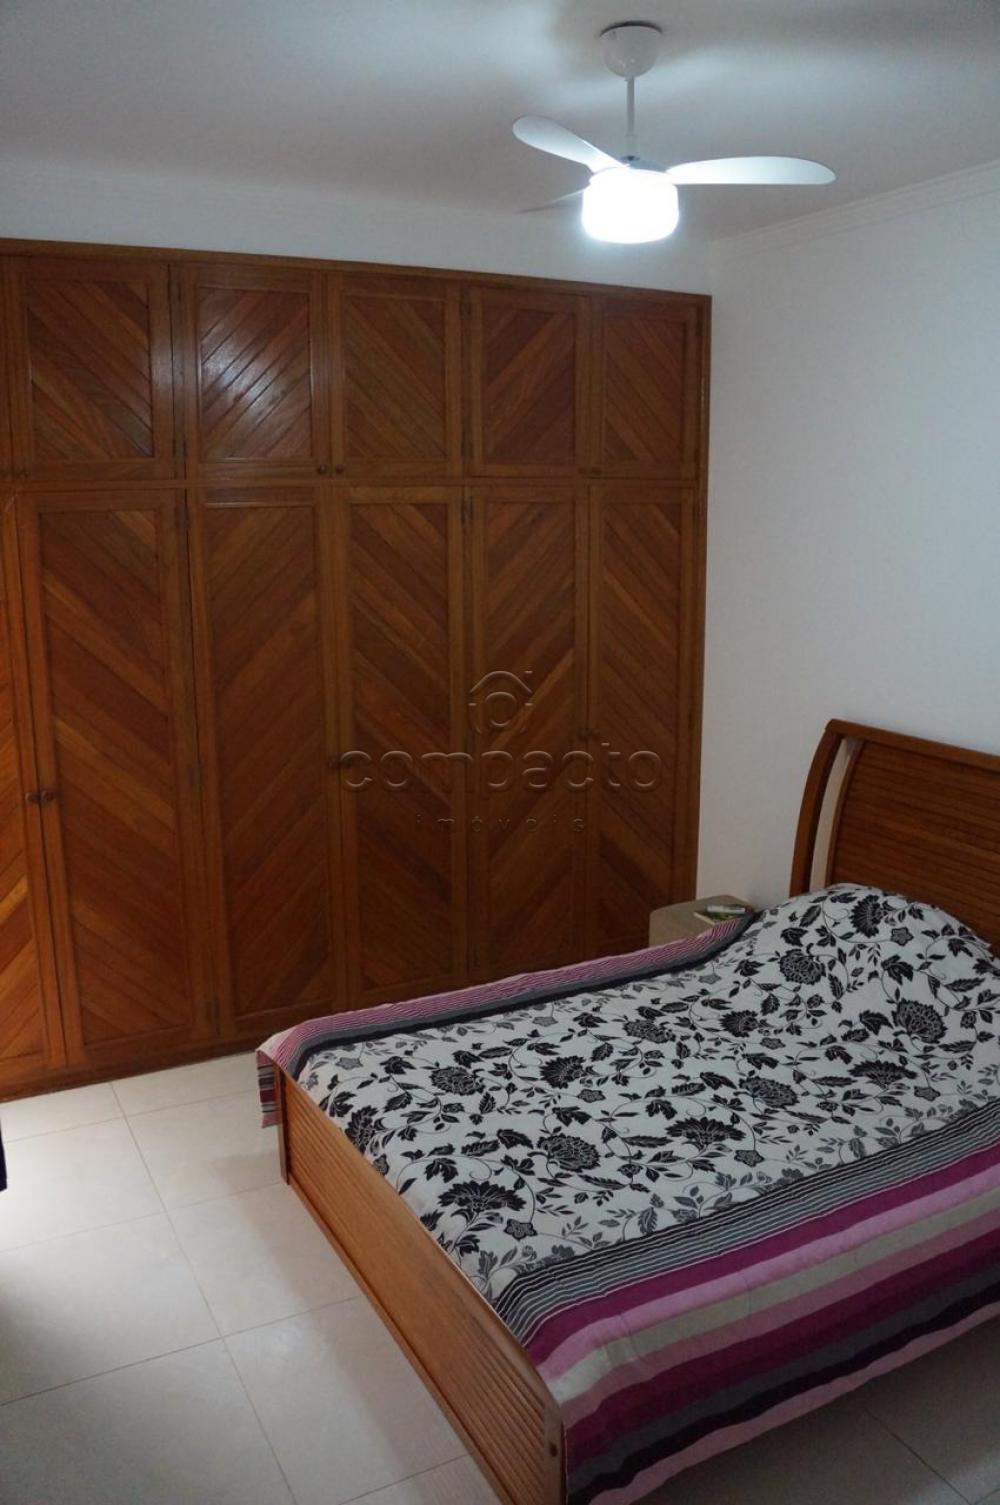 Comprar Casa / Padrão em São José do Rio Preto apenas R$ 520.000,00 - Foto 8